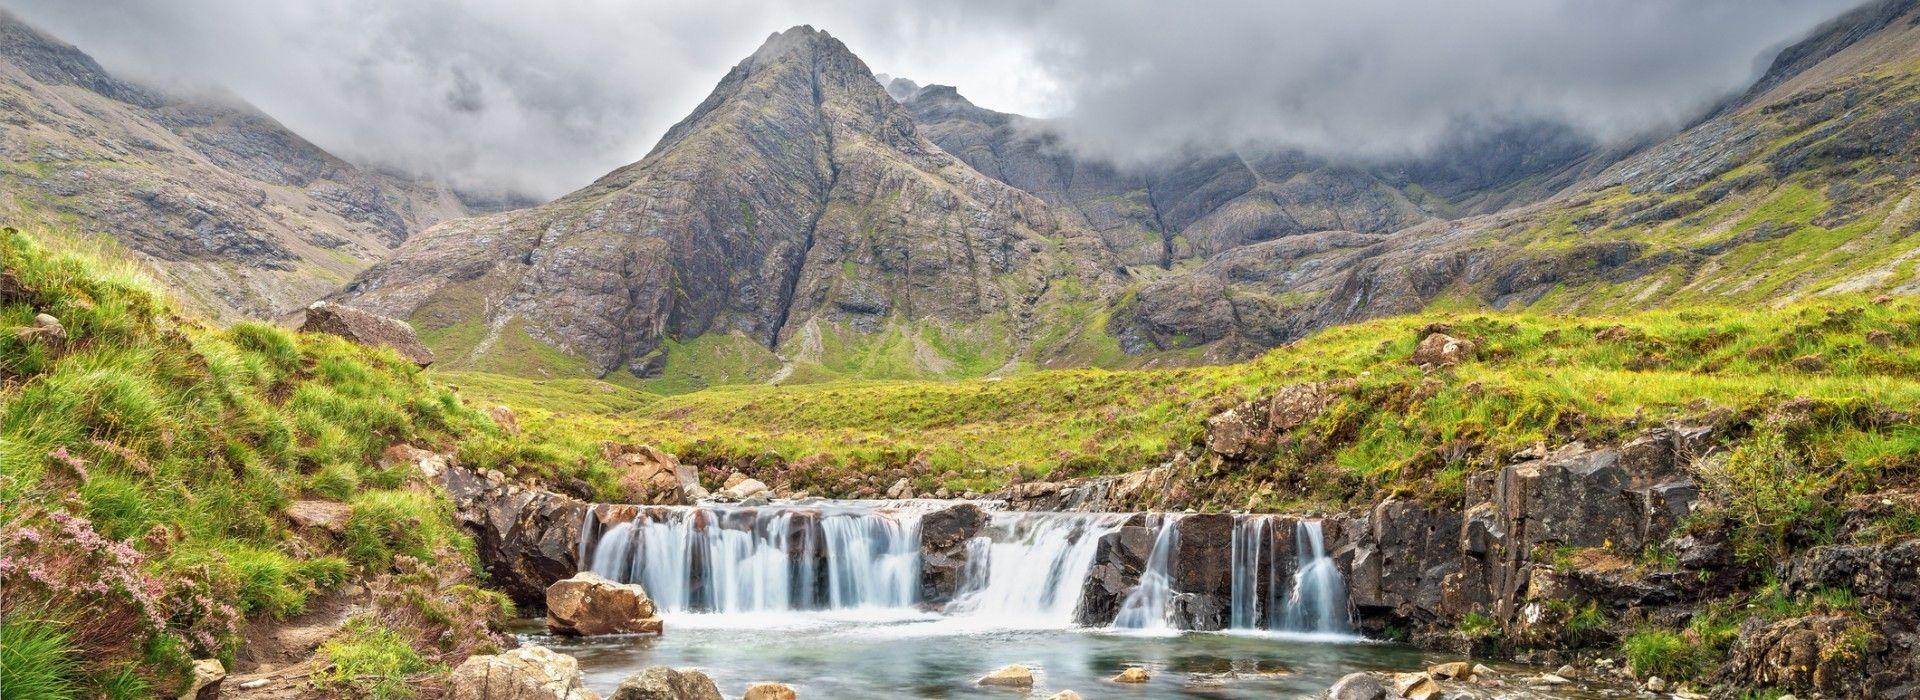 Natural landmarks sightseeing Tours in Scotland